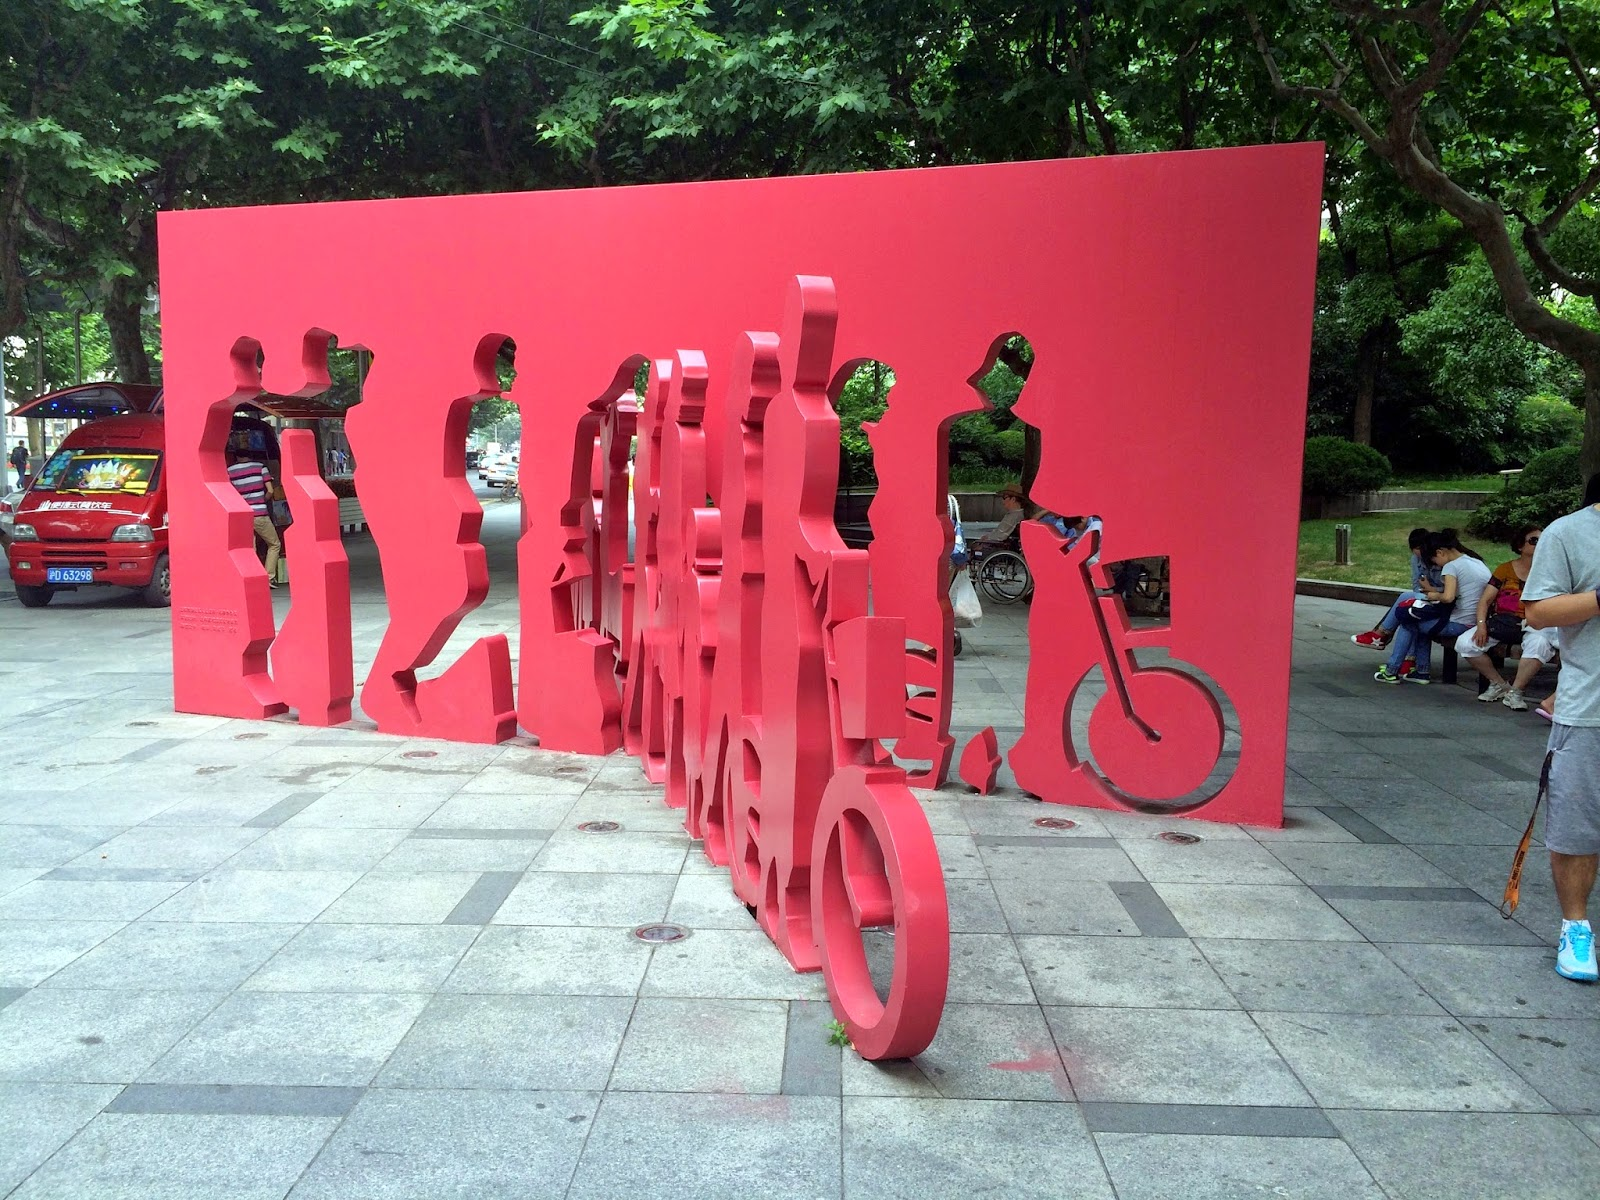 Stor midlertidig kunst på et gadehjørne